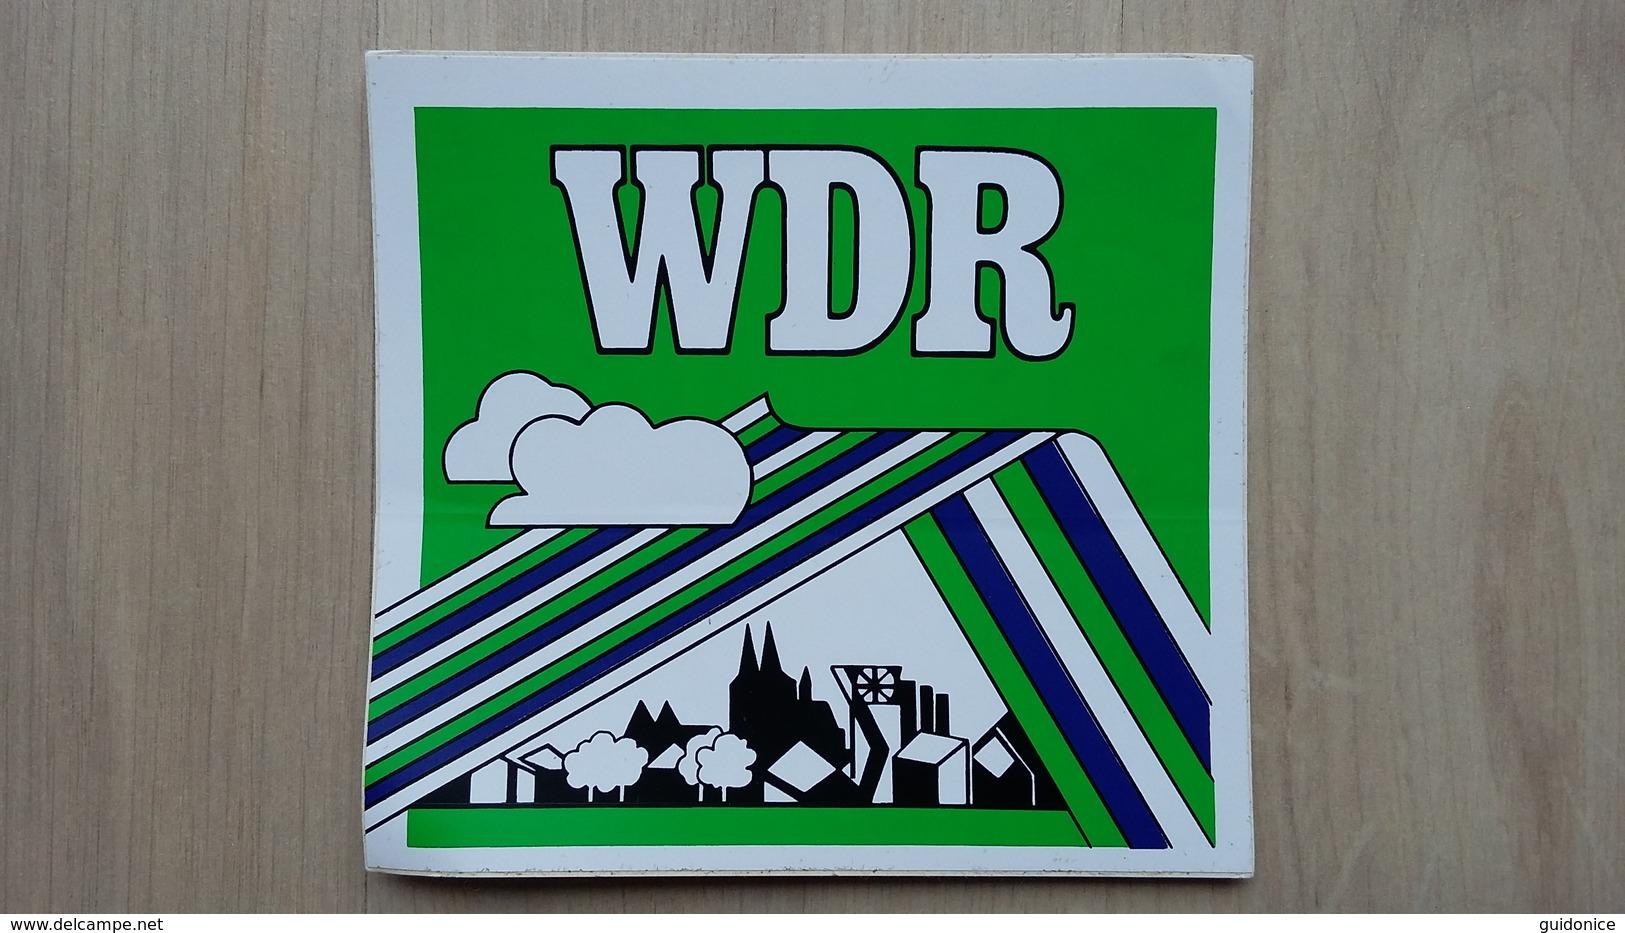 Aufkleber Mit Werbung Für Den WDR (Rundfunksender) - Autocollants